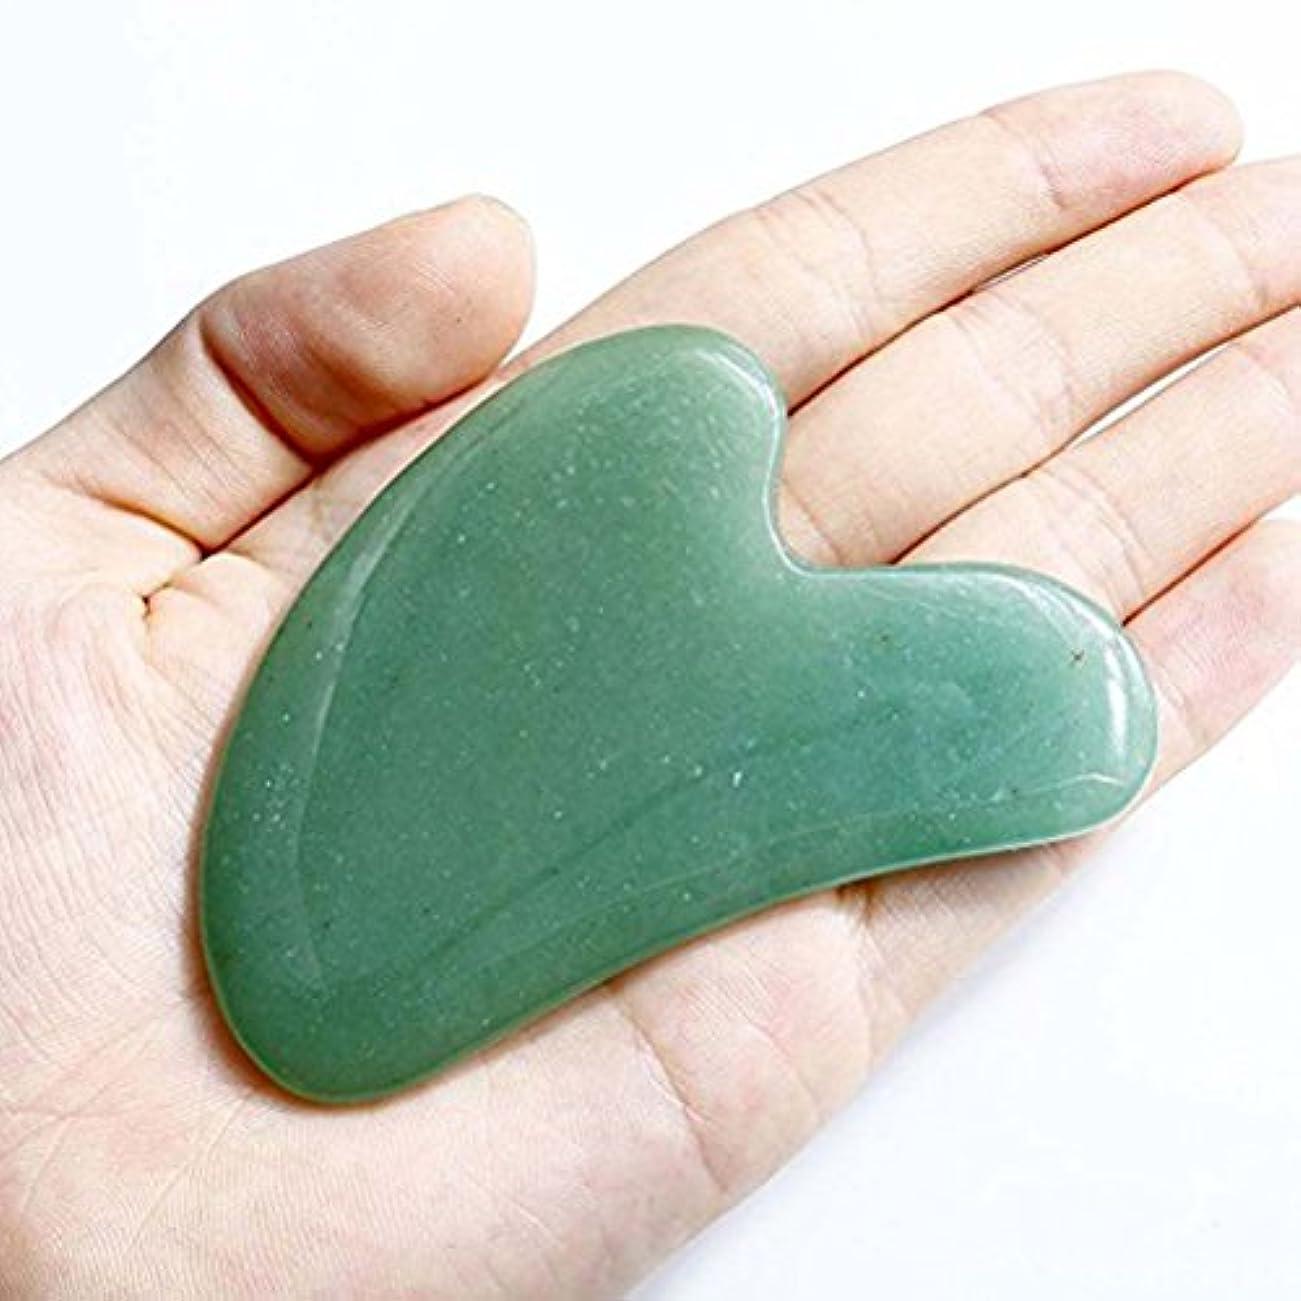 天井欠陥賞賛するEcho & Kern Face / Body Massage Green Aventurine heart shape ハート形状かっさプレート 天然石 翡翠色(顔?ボディのリンパマッサージ) (かっさプレートH)